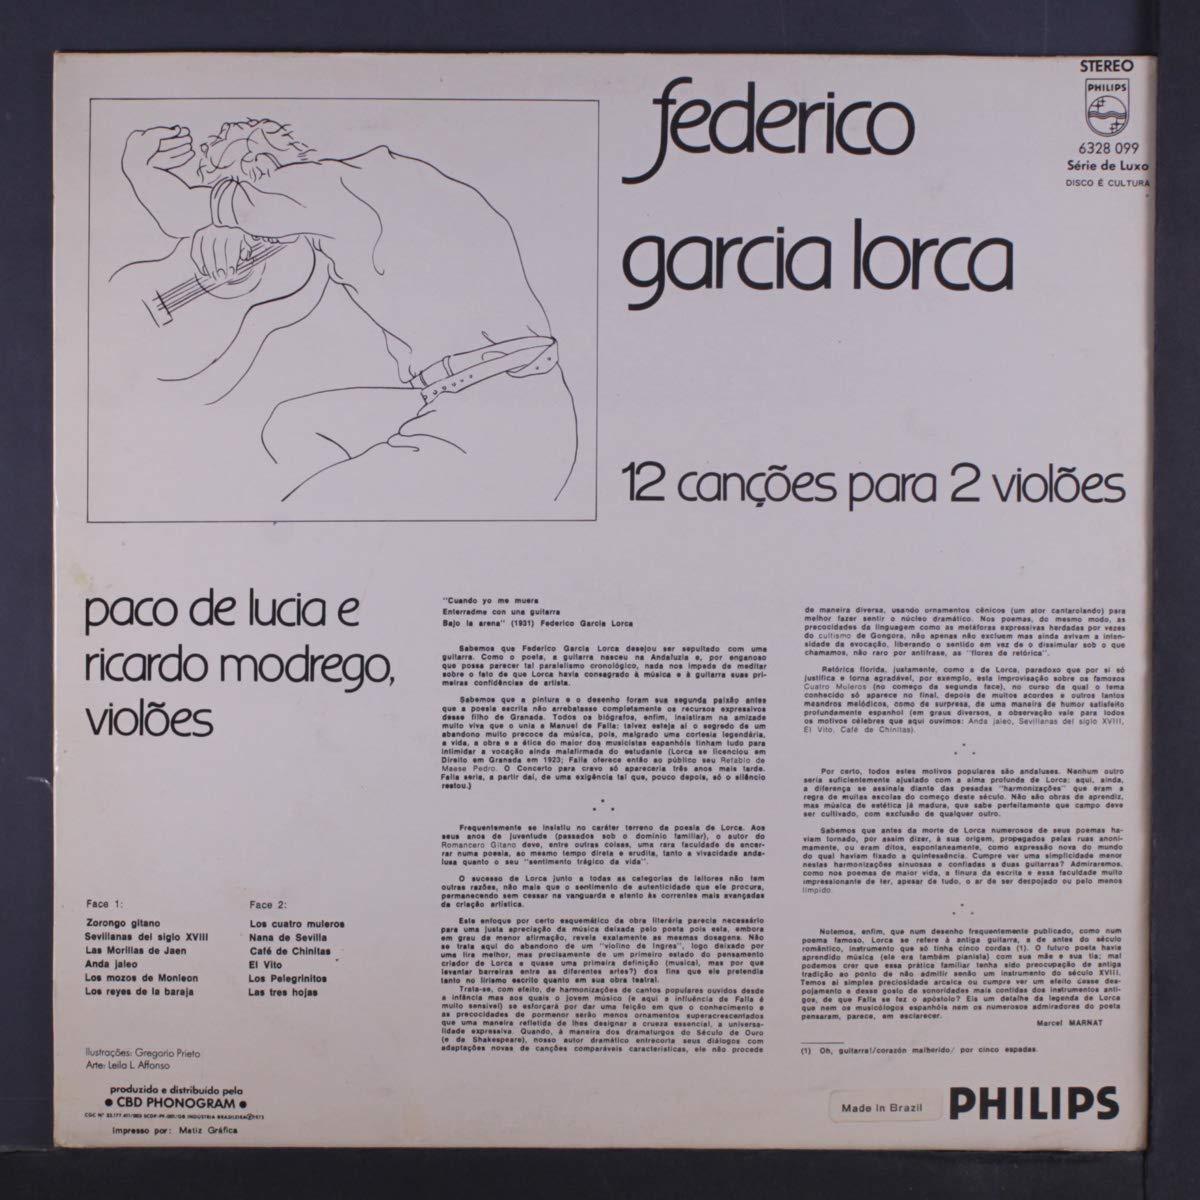 12 cancoes para 2 violoes LP: FEDERICO GARCIA LORCA: Amazon.es: Música